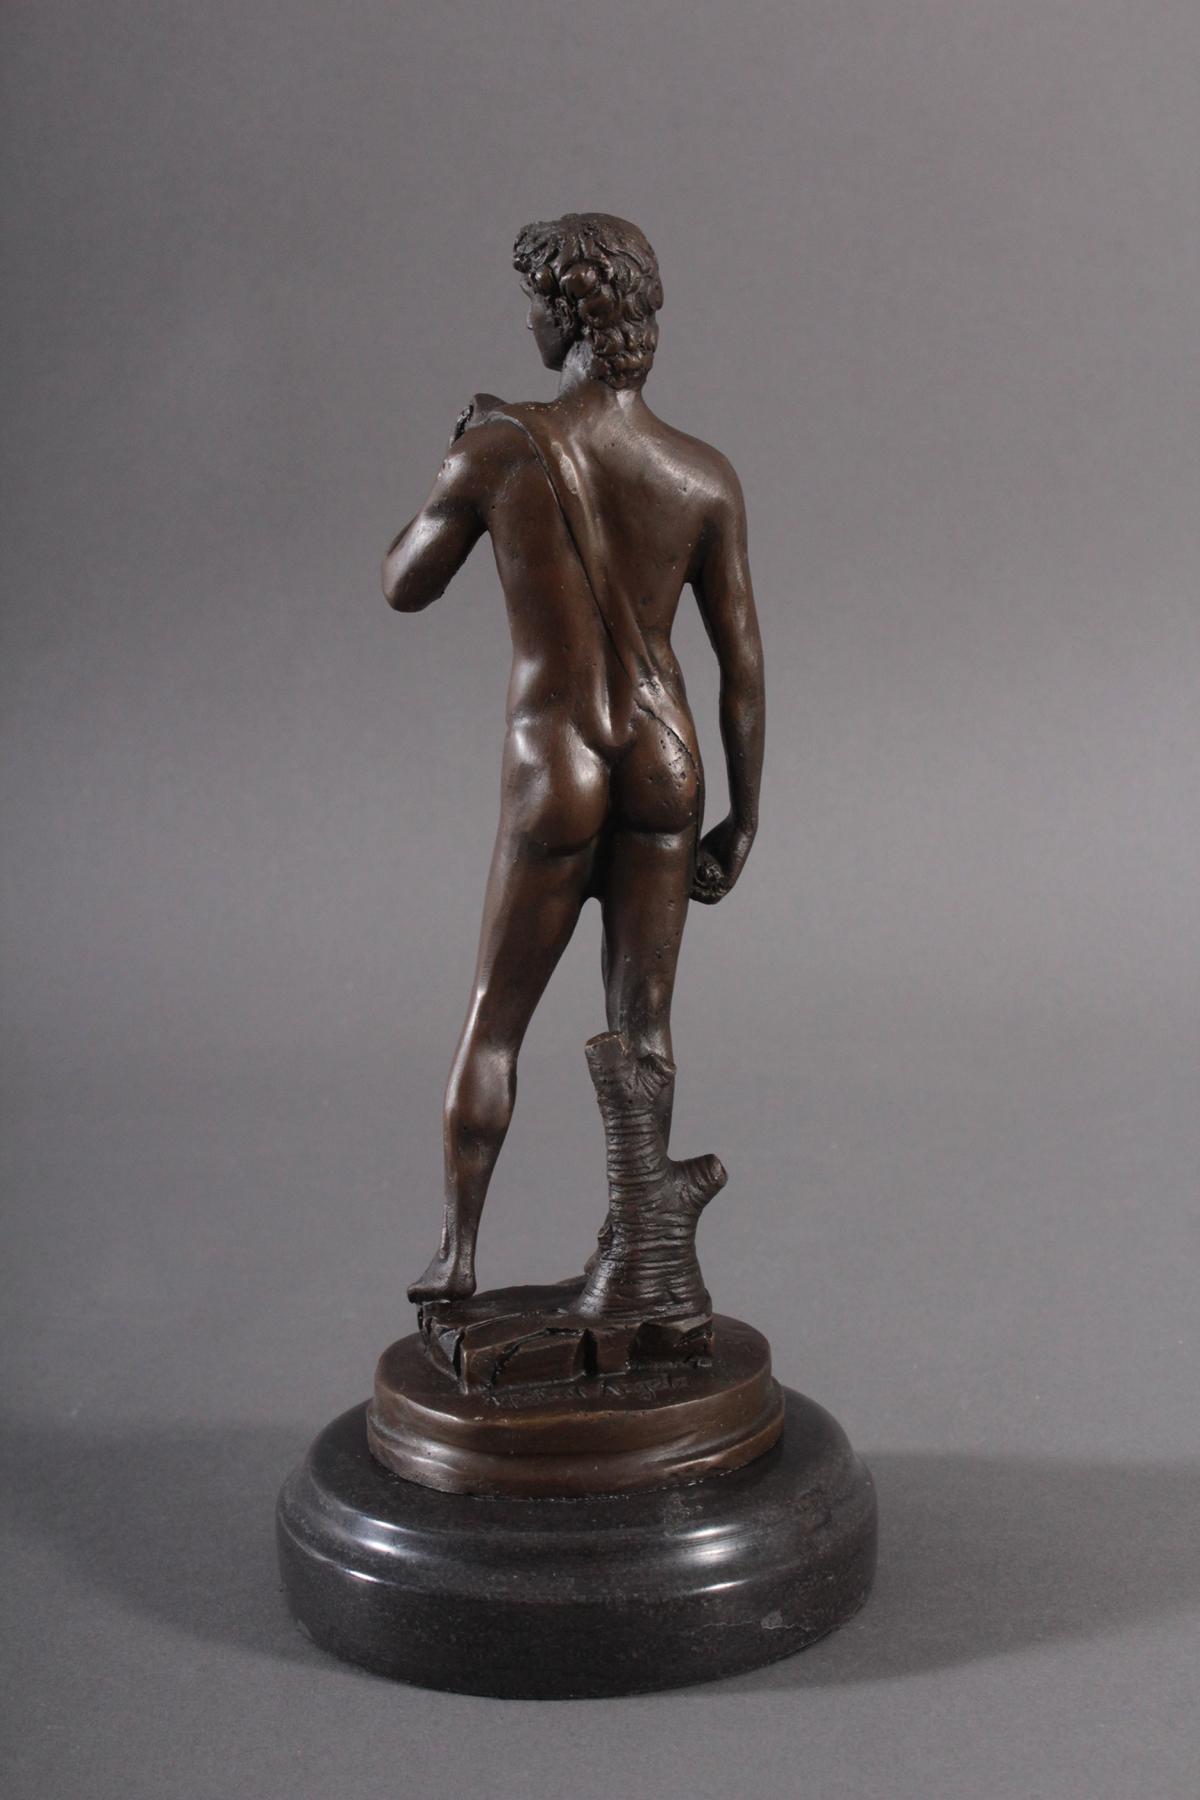 Bronzefigur nach Michelangelo (1475 – 1564), 'David'-2